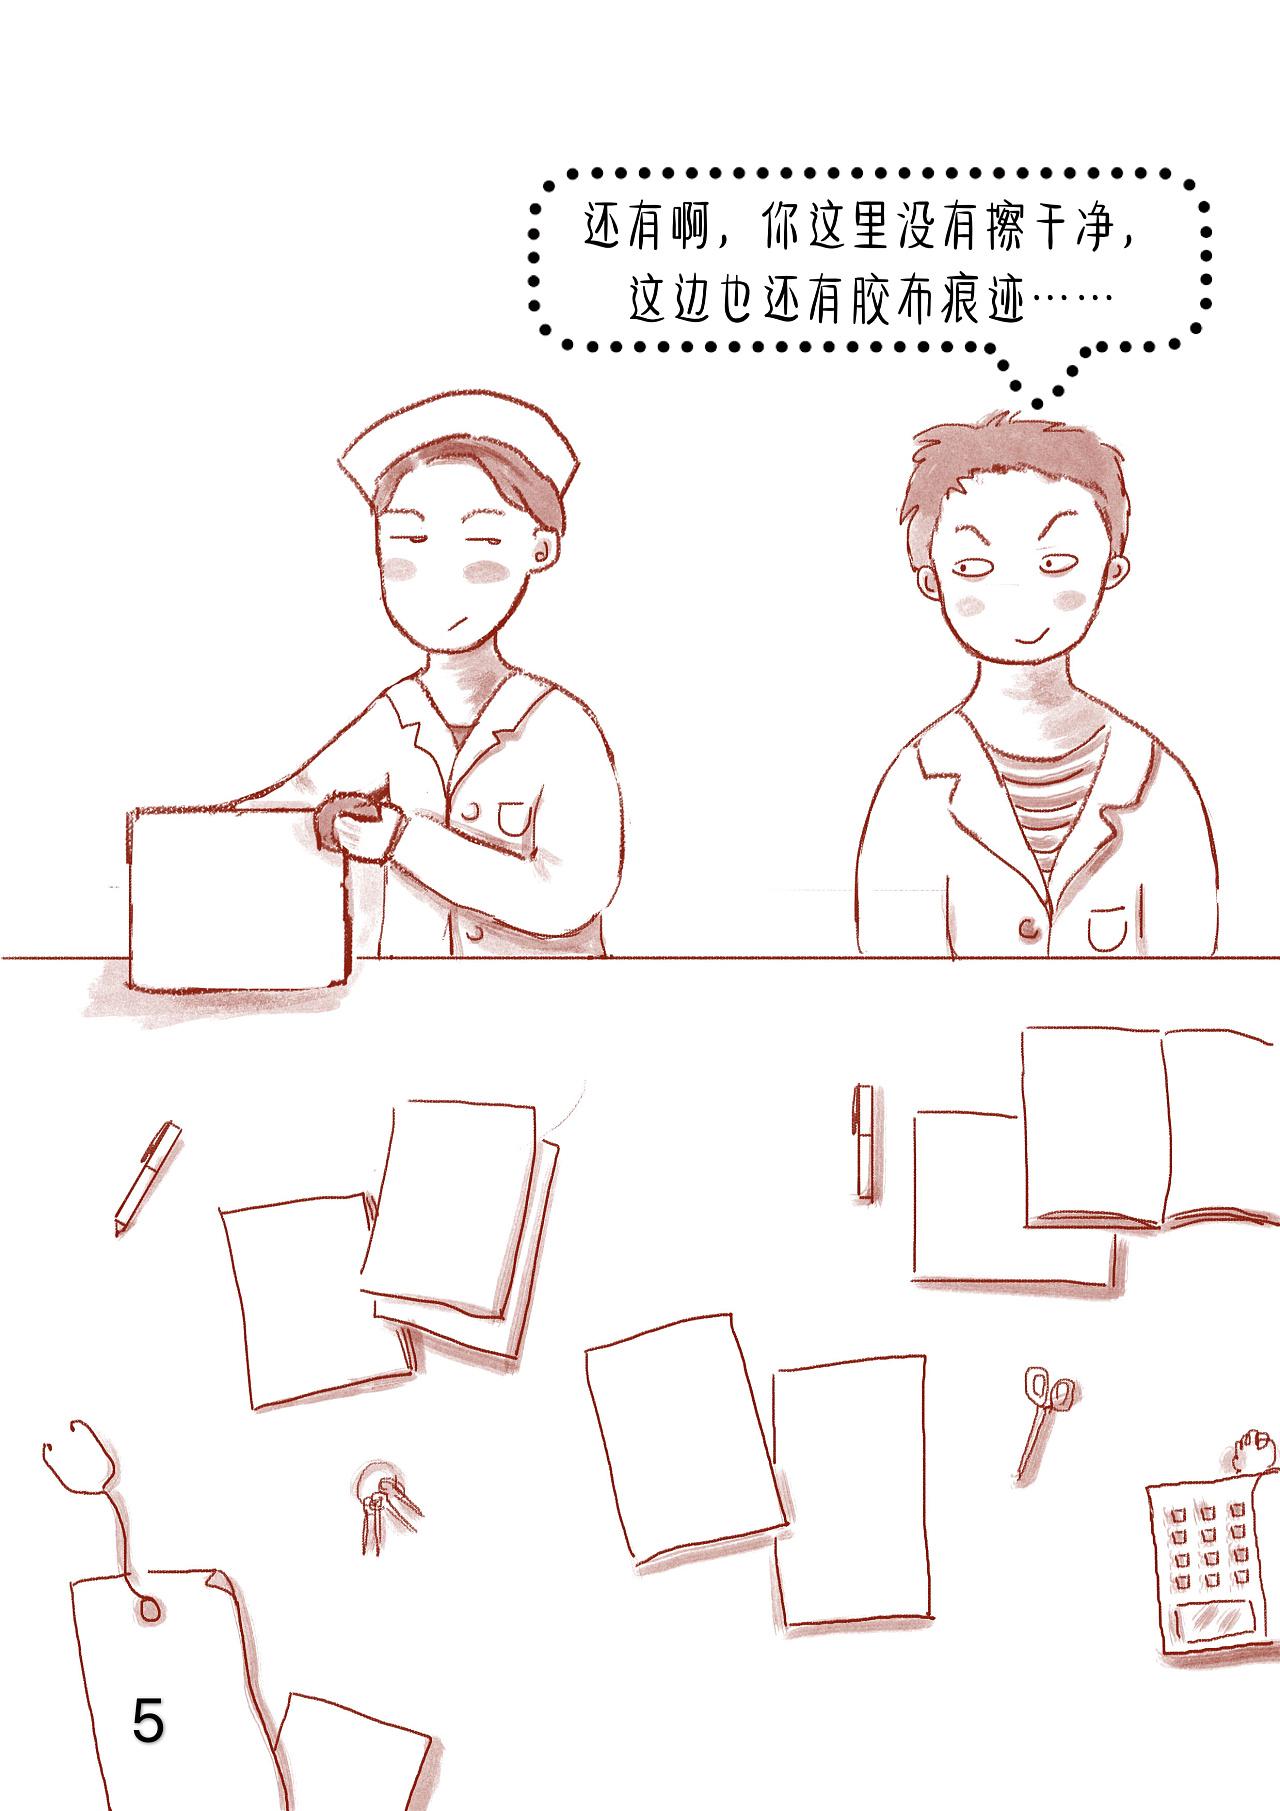 6Sv前景|前景|短篇/四格漫画|饭饭漫画-原创作品茄子动漫行业图片